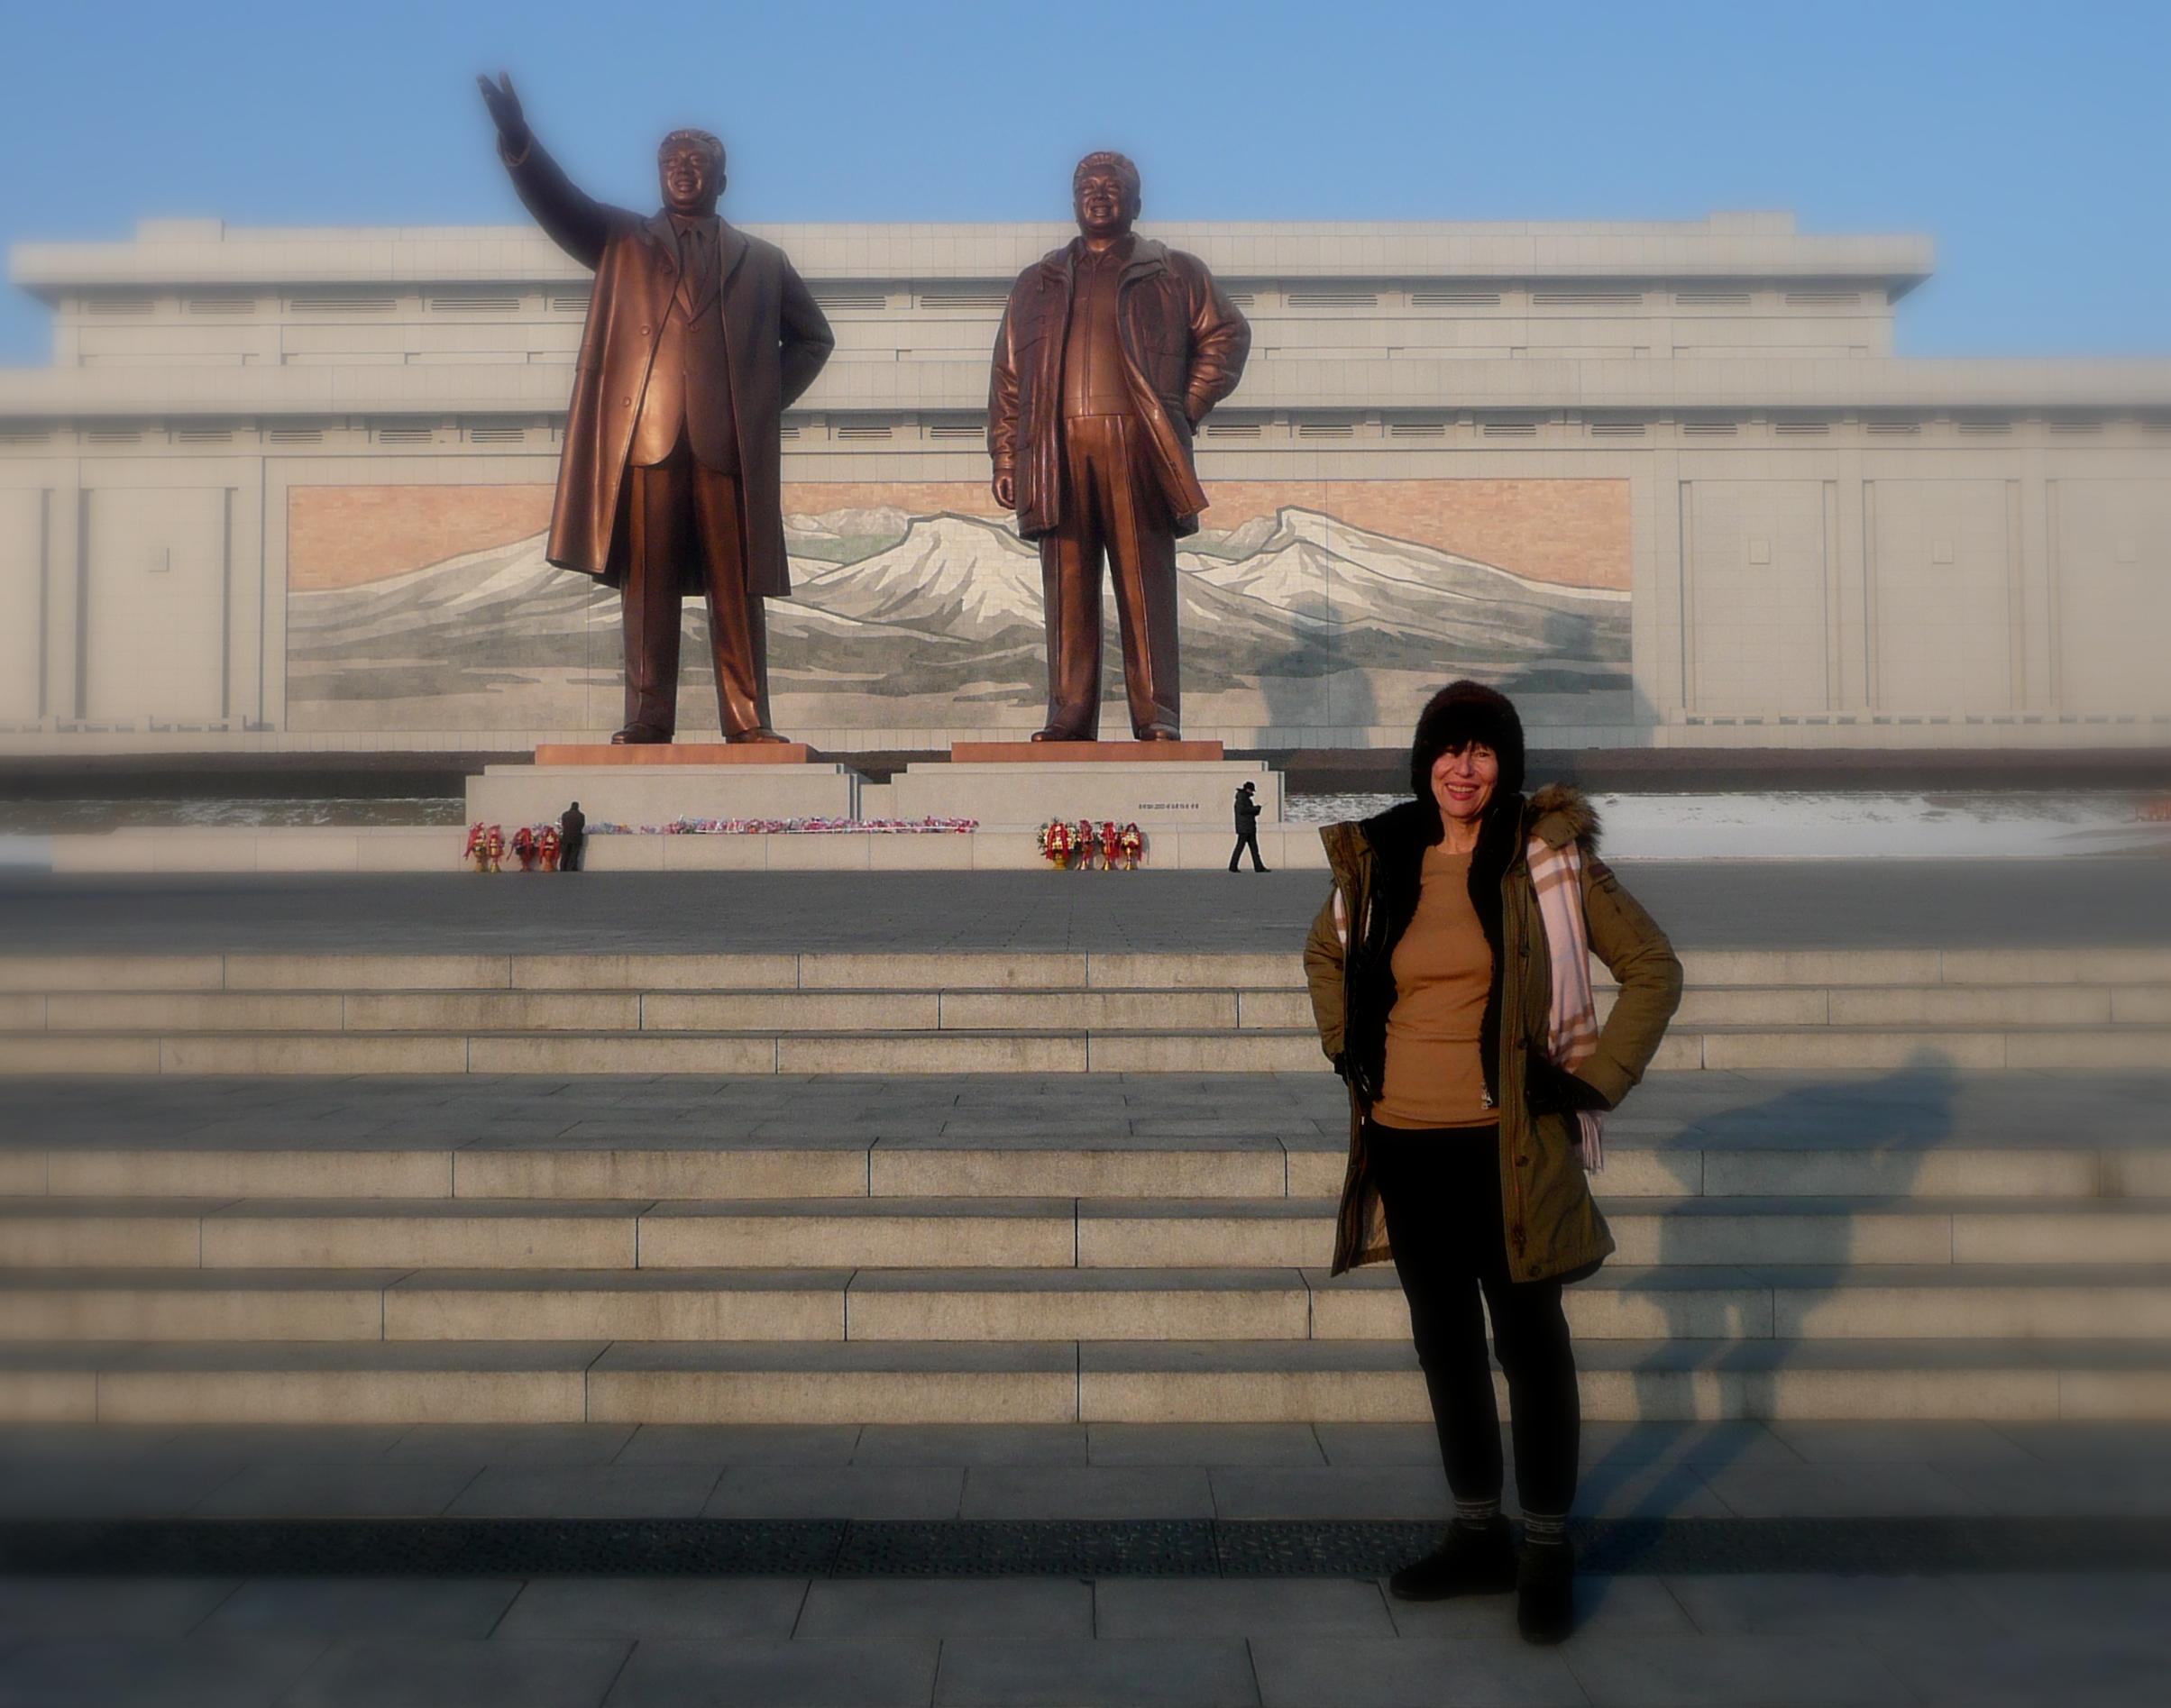 Mansudae Grand Monument of Presidents